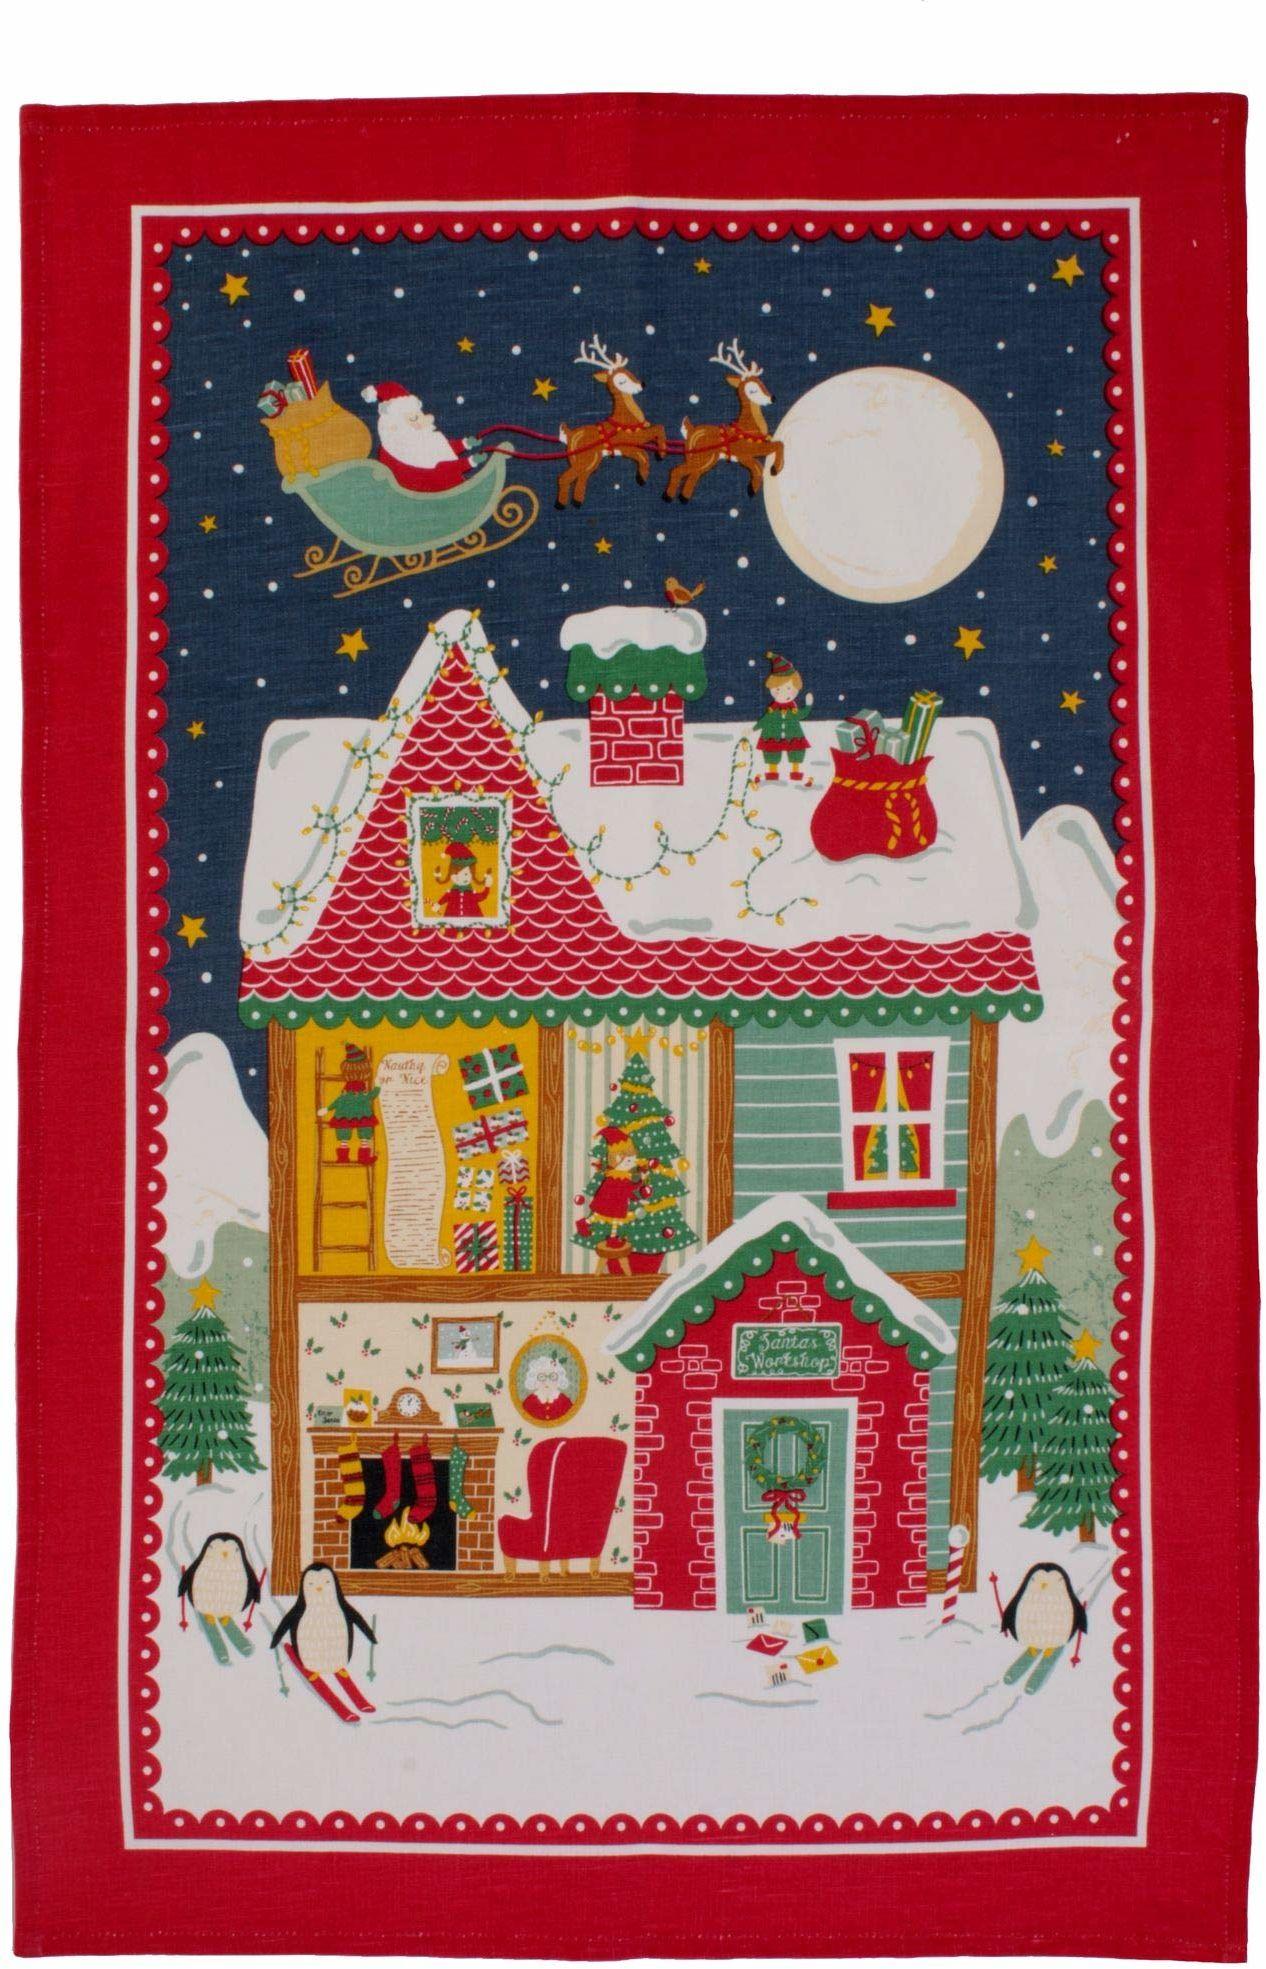 Ulster Weavers Św. Mikołaj bawełniany ręcznik herbaciany, wielokolorowy, wielokolorowy, 48 x 74 cm